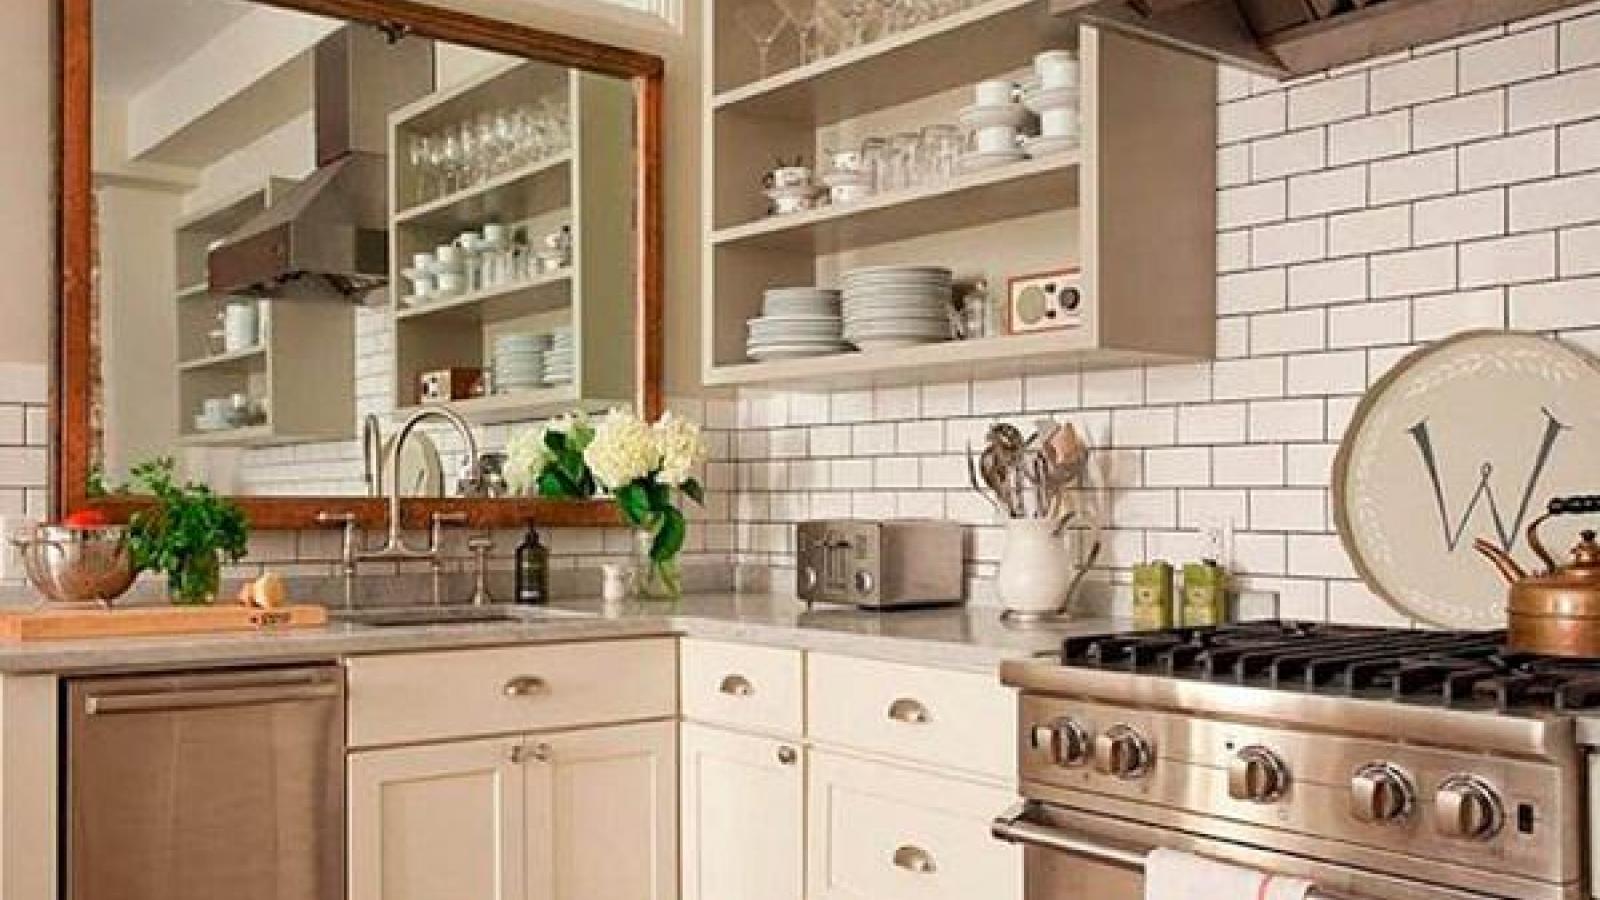 Lời khuyên hữu ích dành cho những căn bếp nhỏ